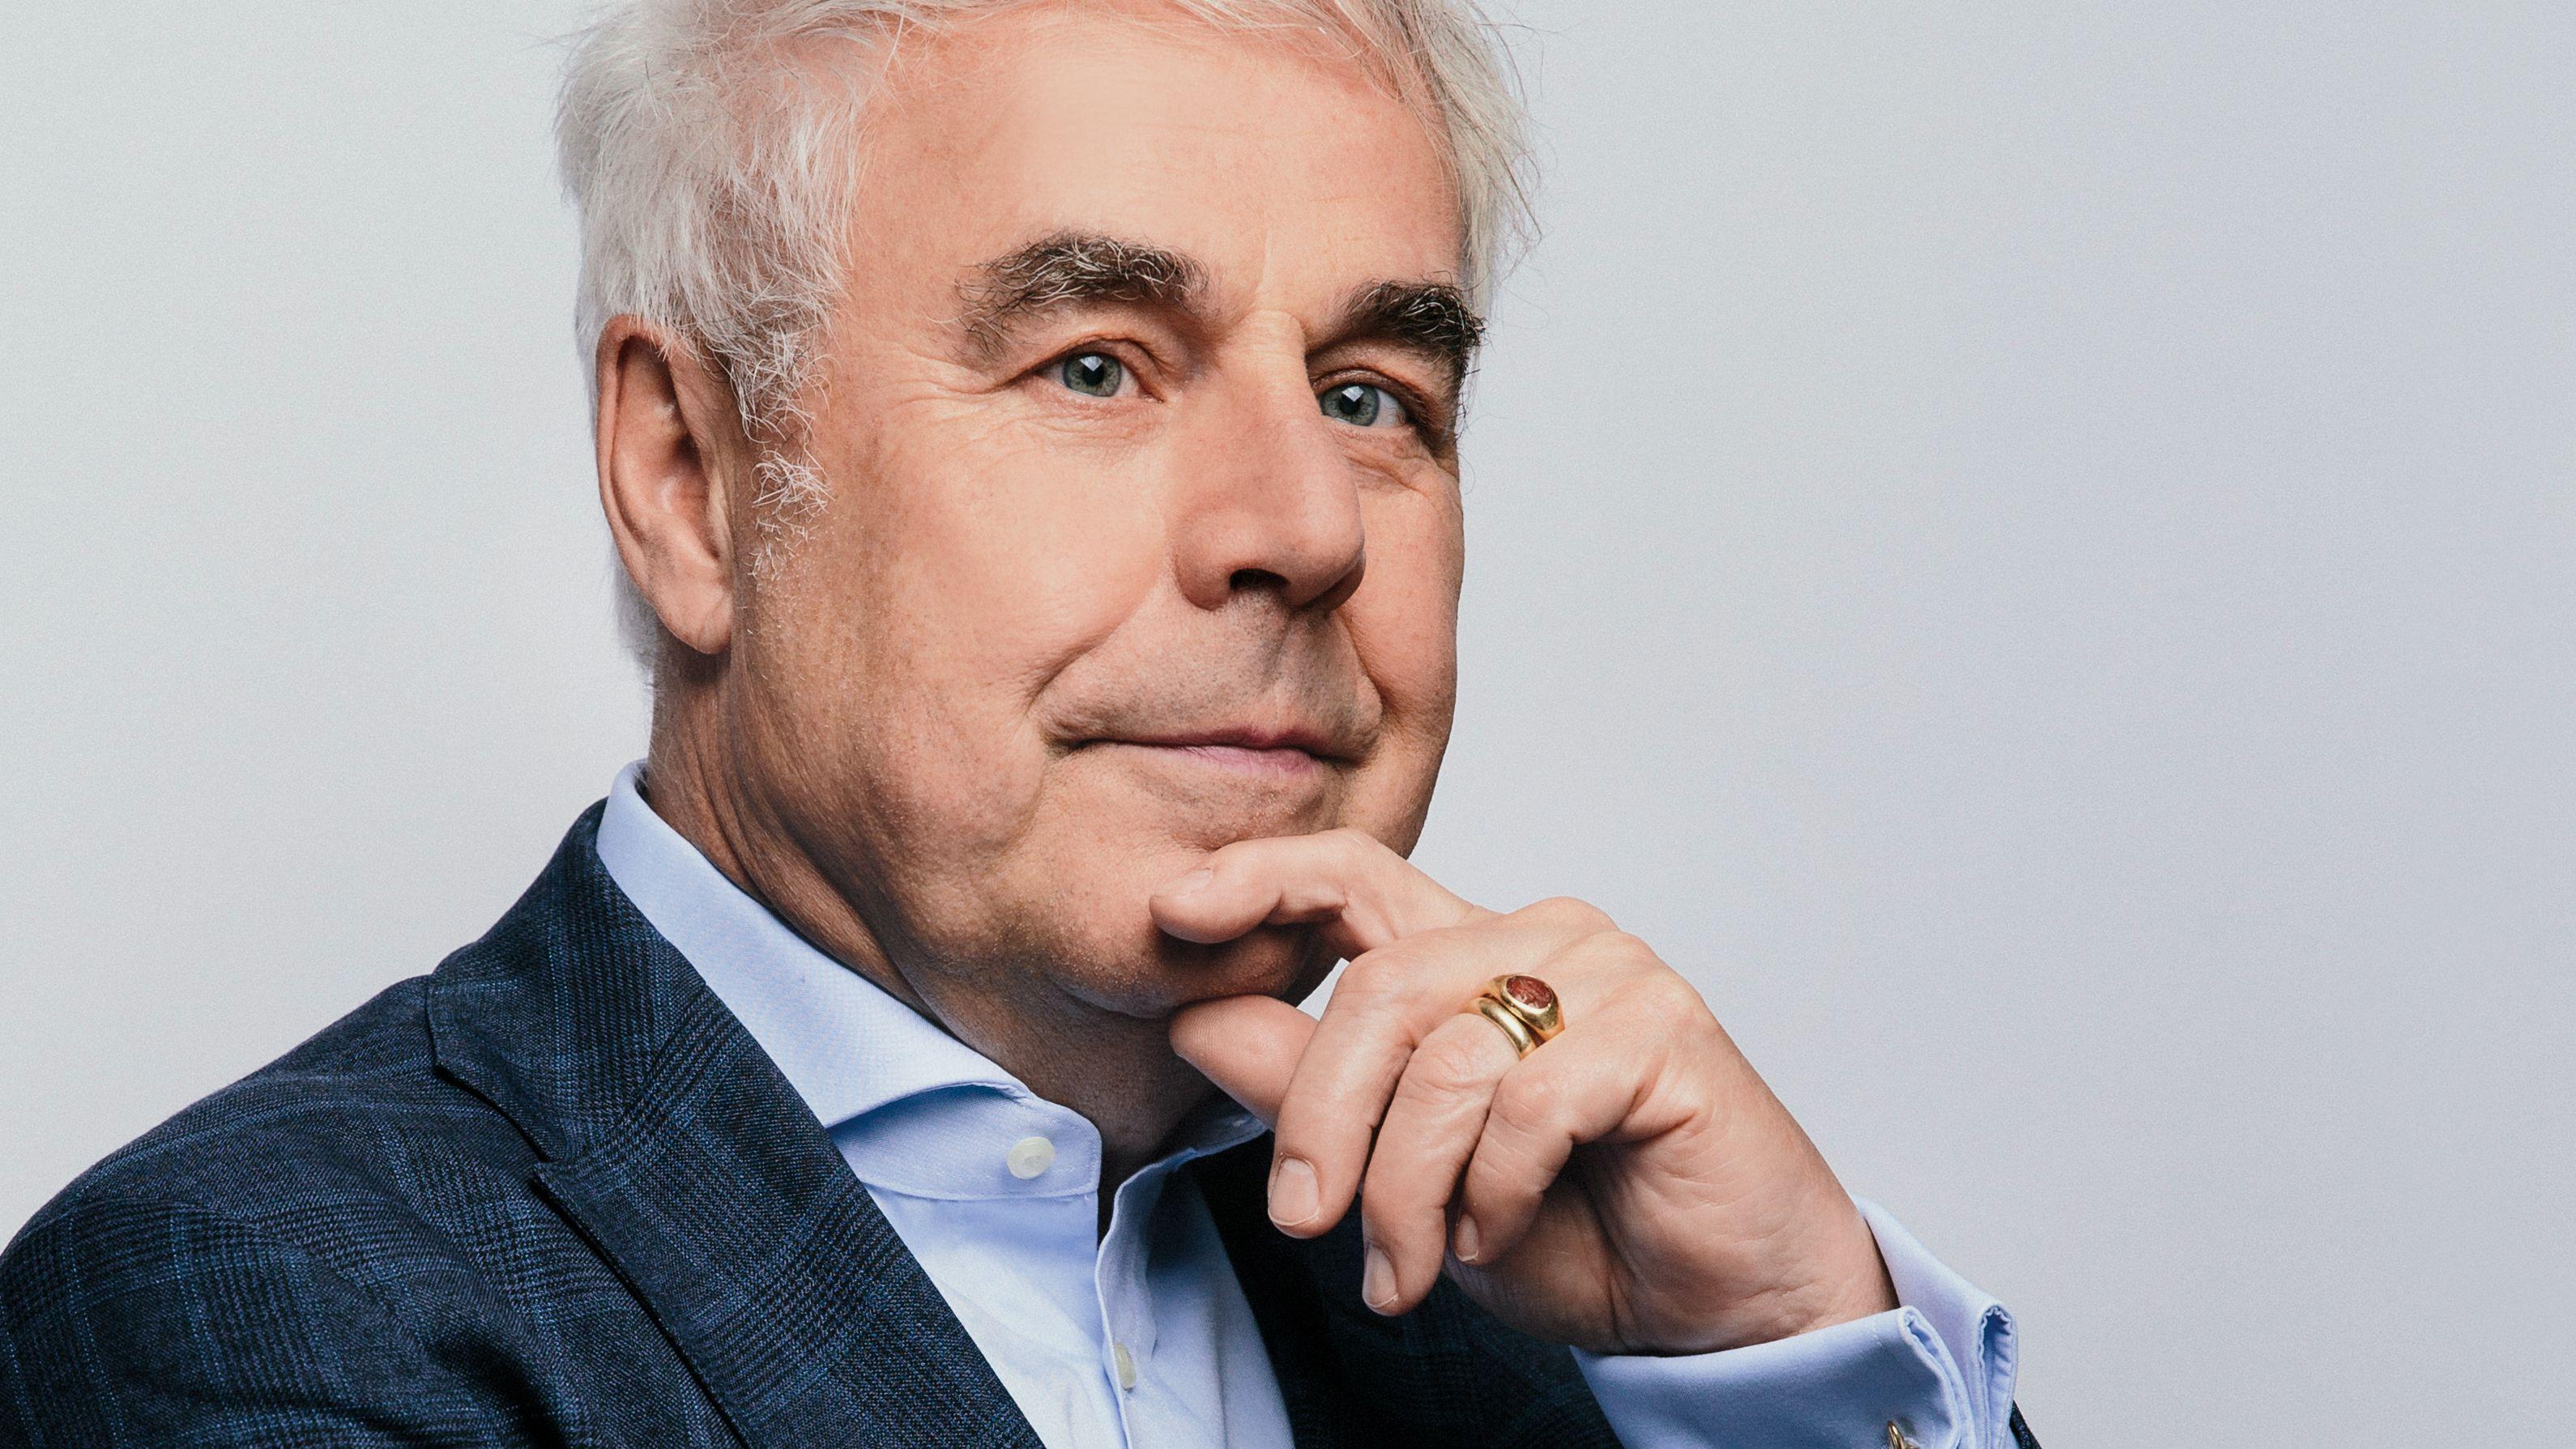 Theaterkritiker und Autor C. Bernd Sucher blickt in die Kamera